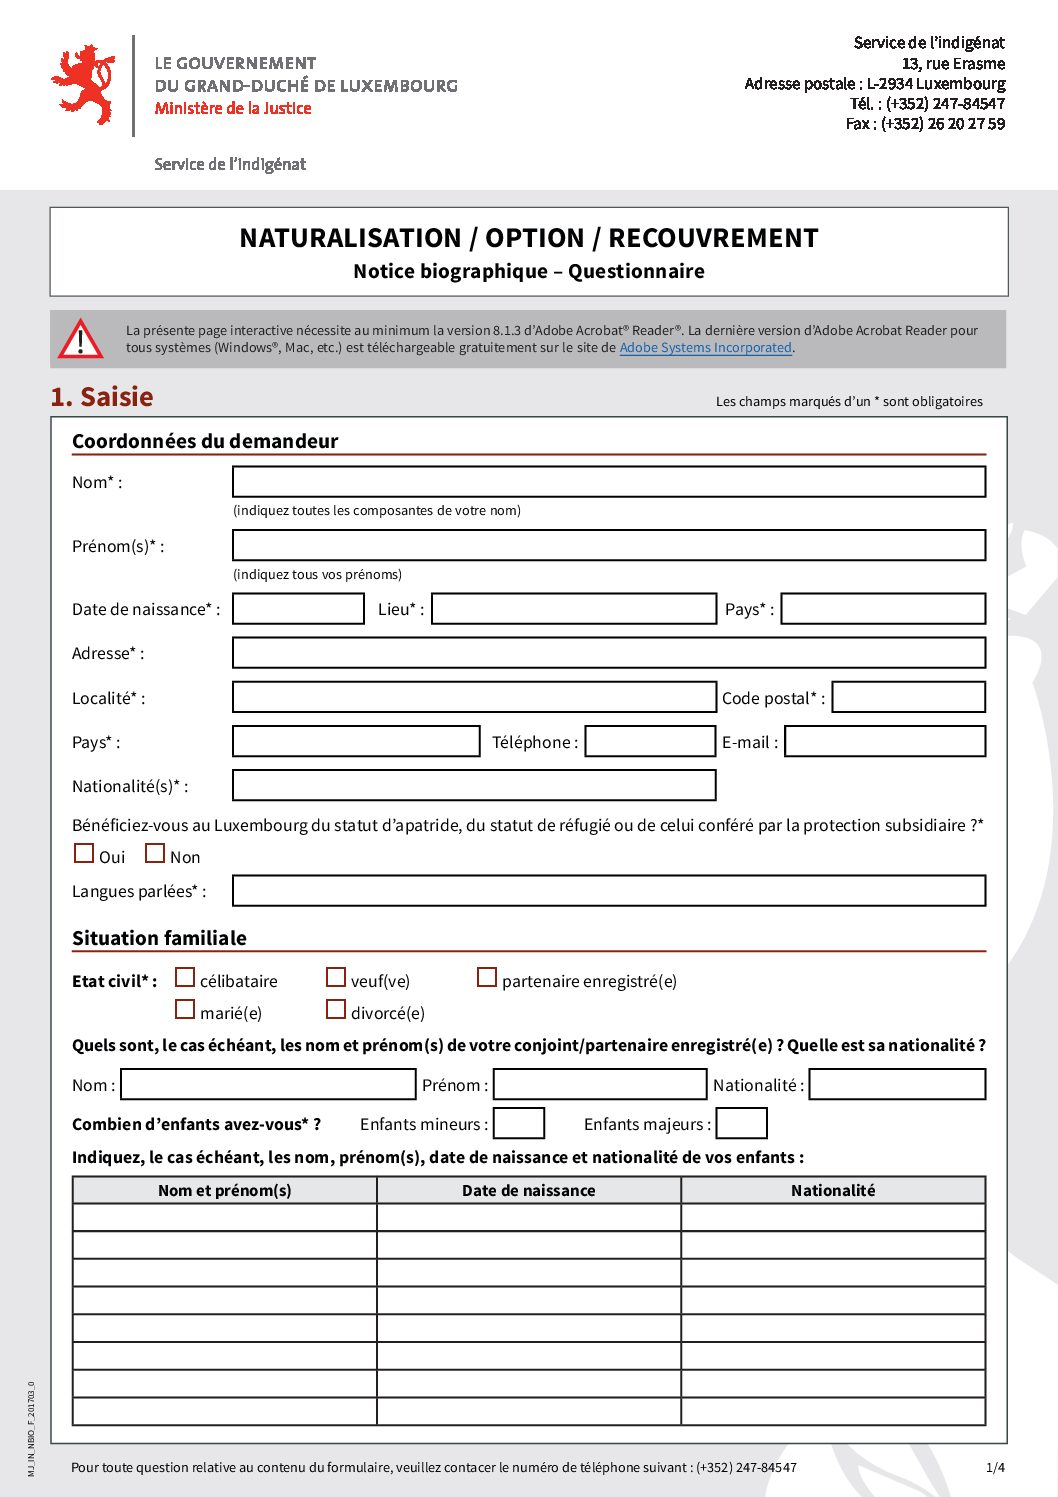 Notice biographique - Questionnaire pour la naturalisation, la déclaration d'option ou de recouvrement